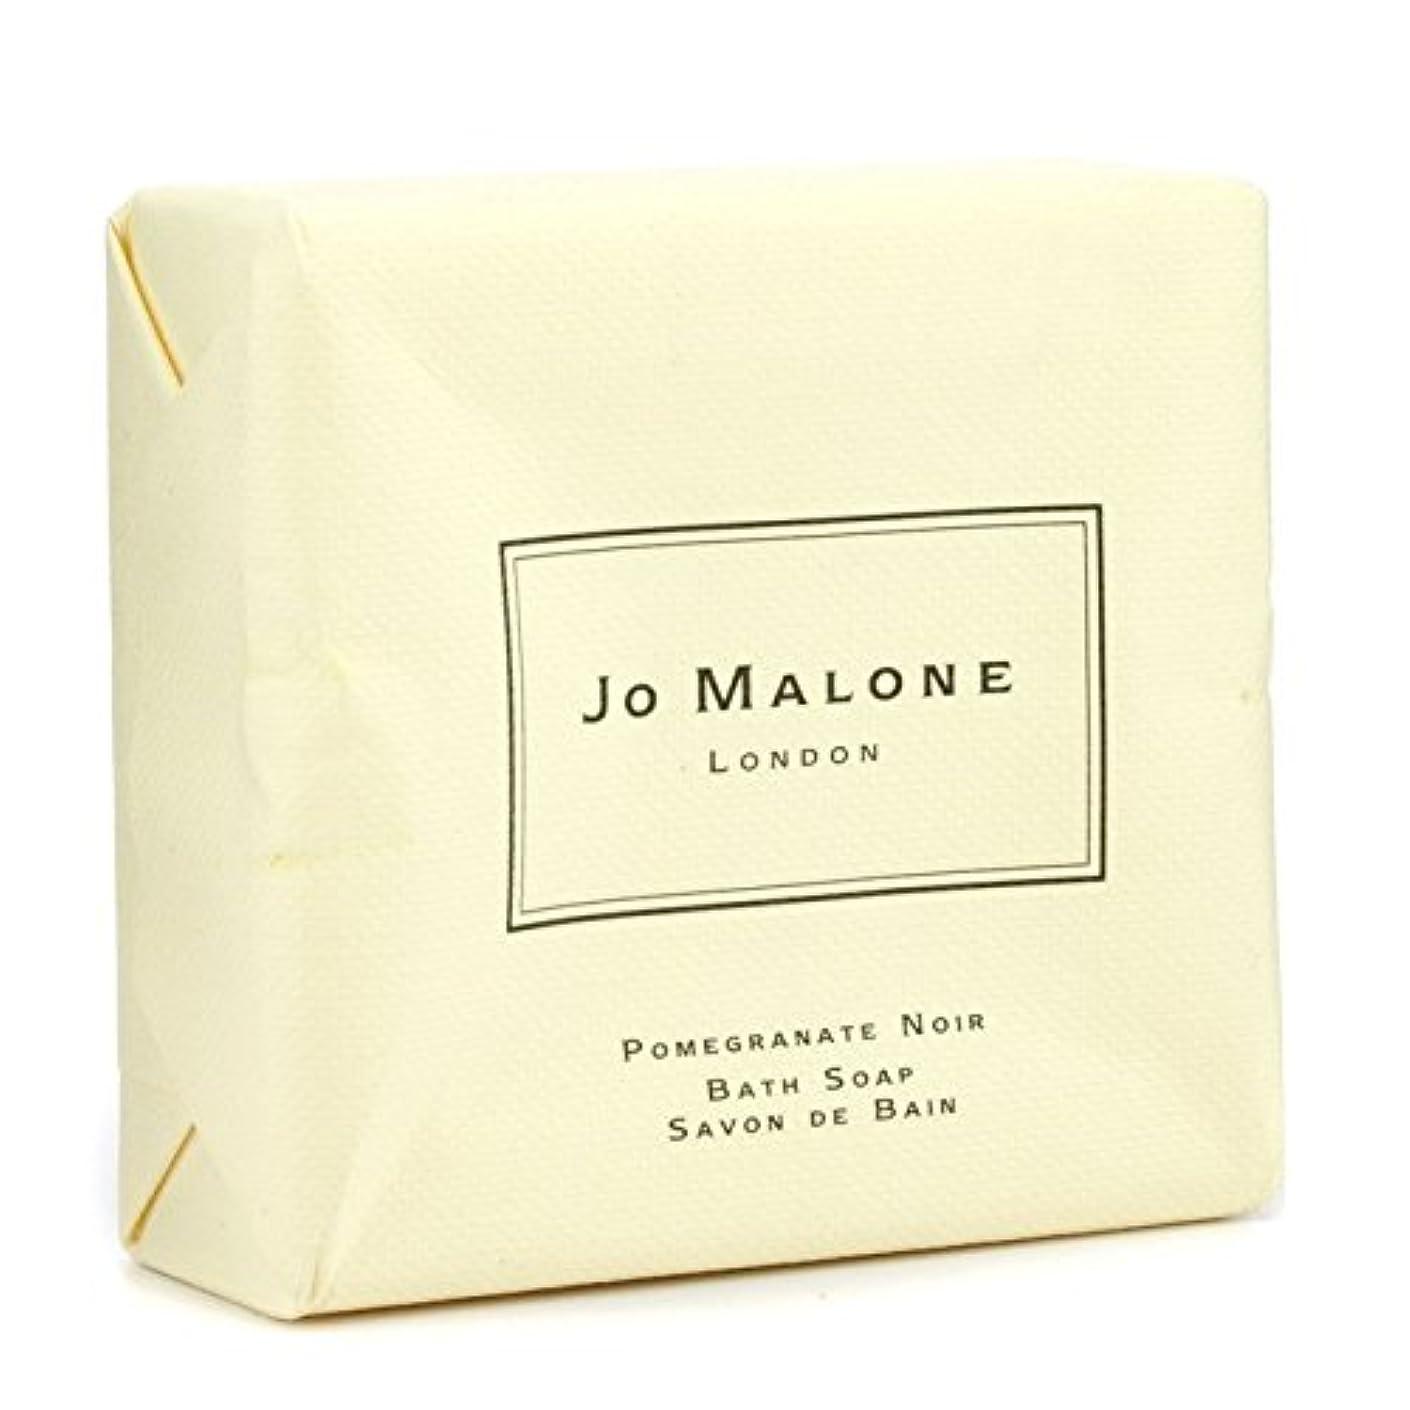 小道縞模様の牛肉Jo Malone ジョーマローン ポメグラネート ノアール バスソープ 100g [並行輸入品]